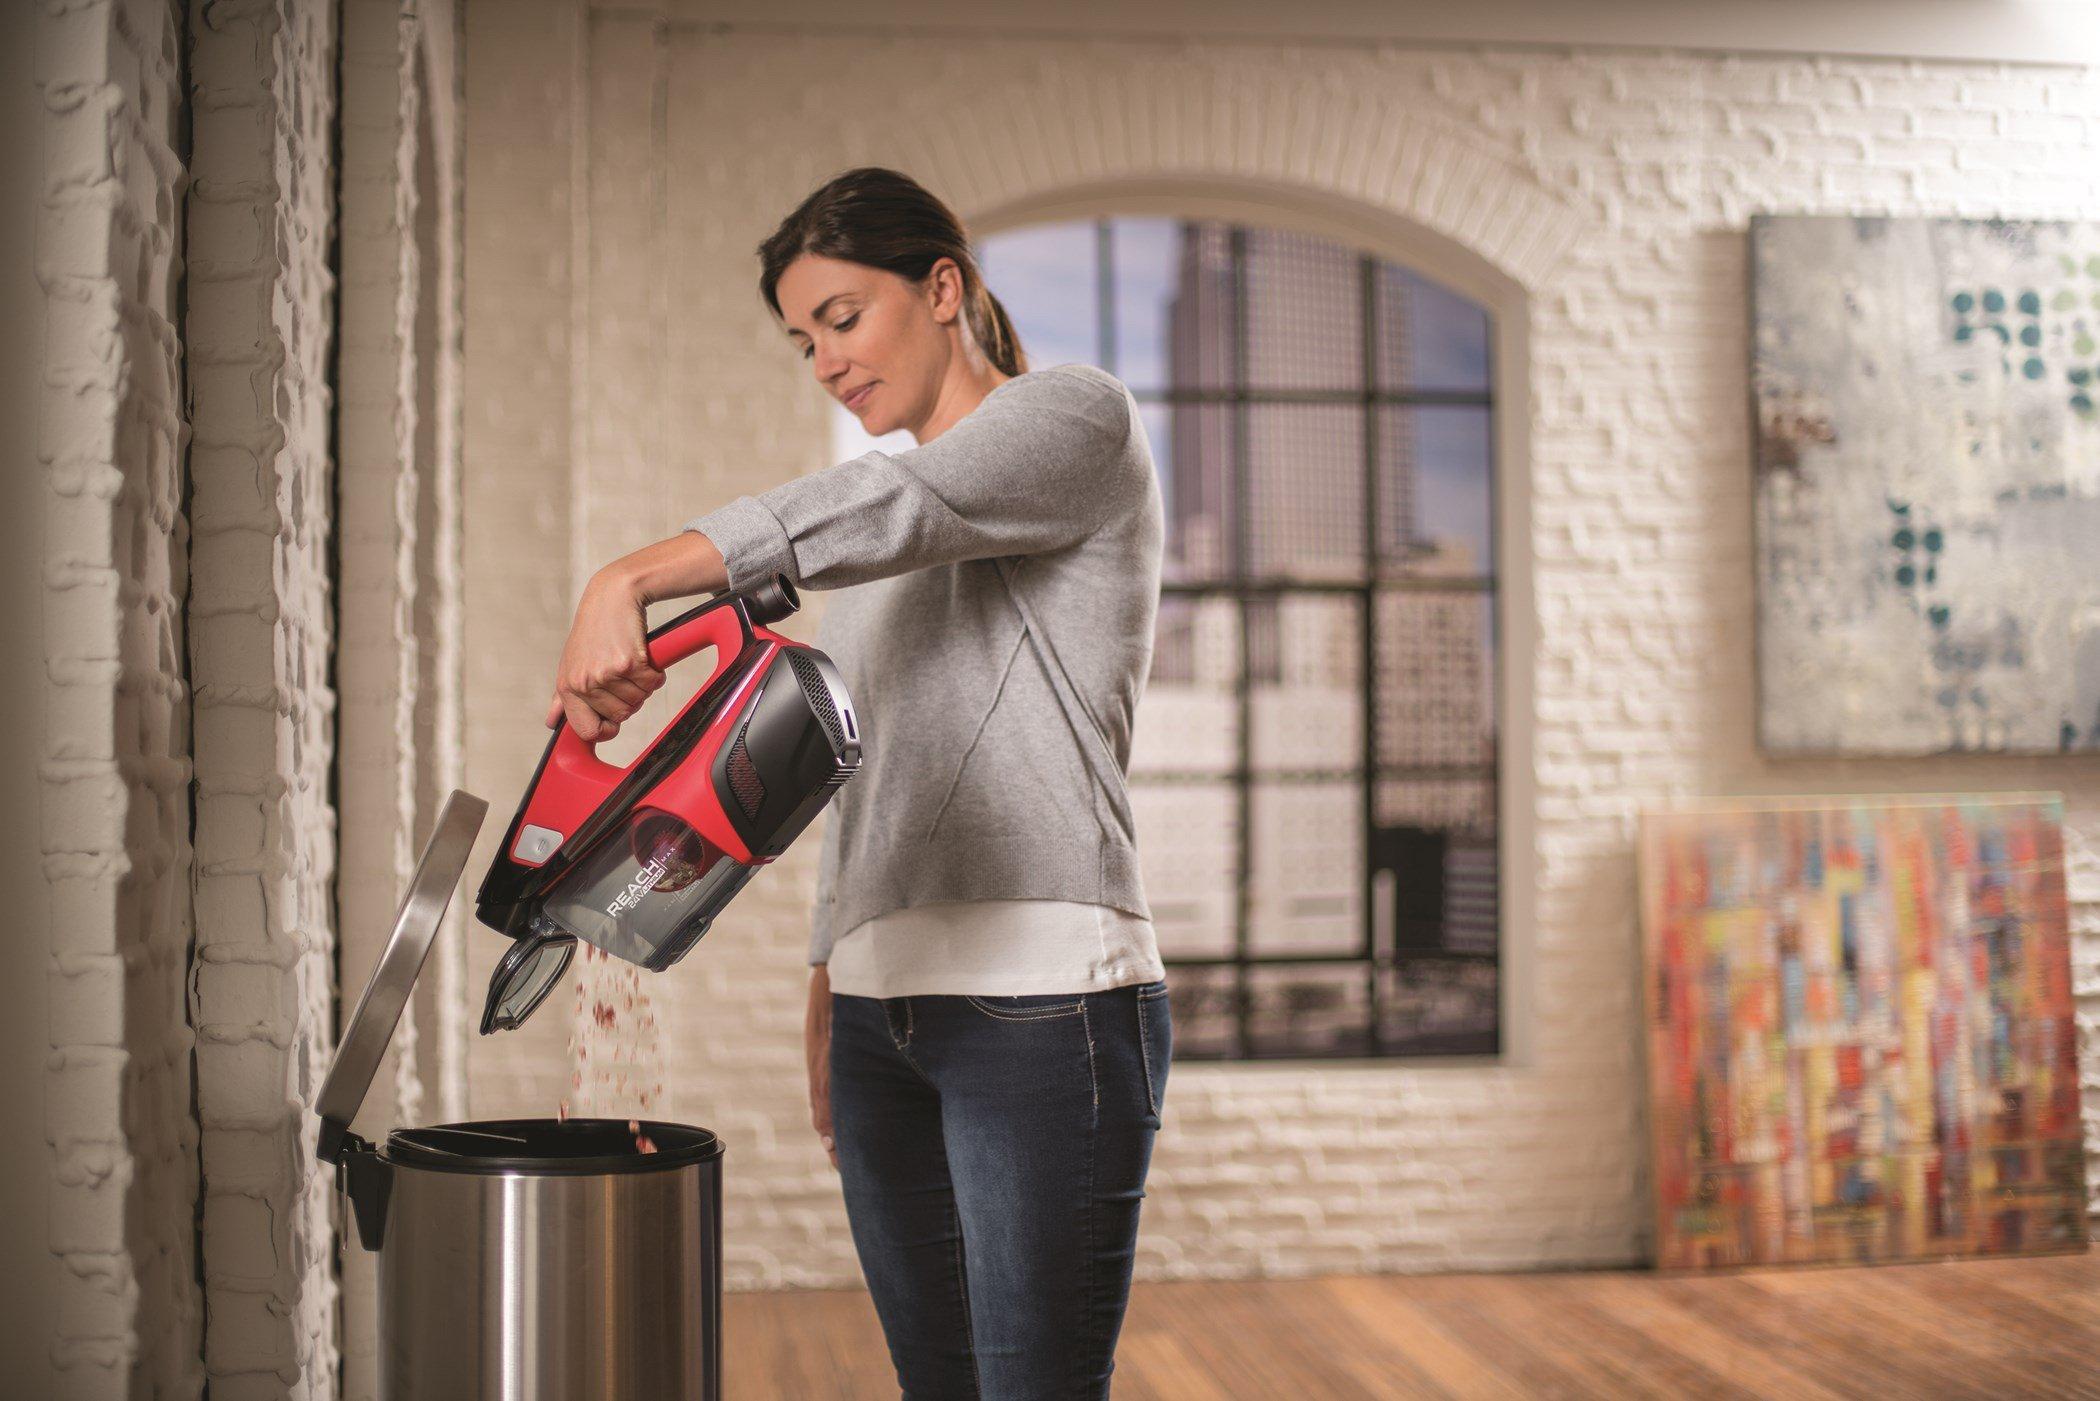 Reach Max Multi 3-in-1 Cordless Stick Vacuum5